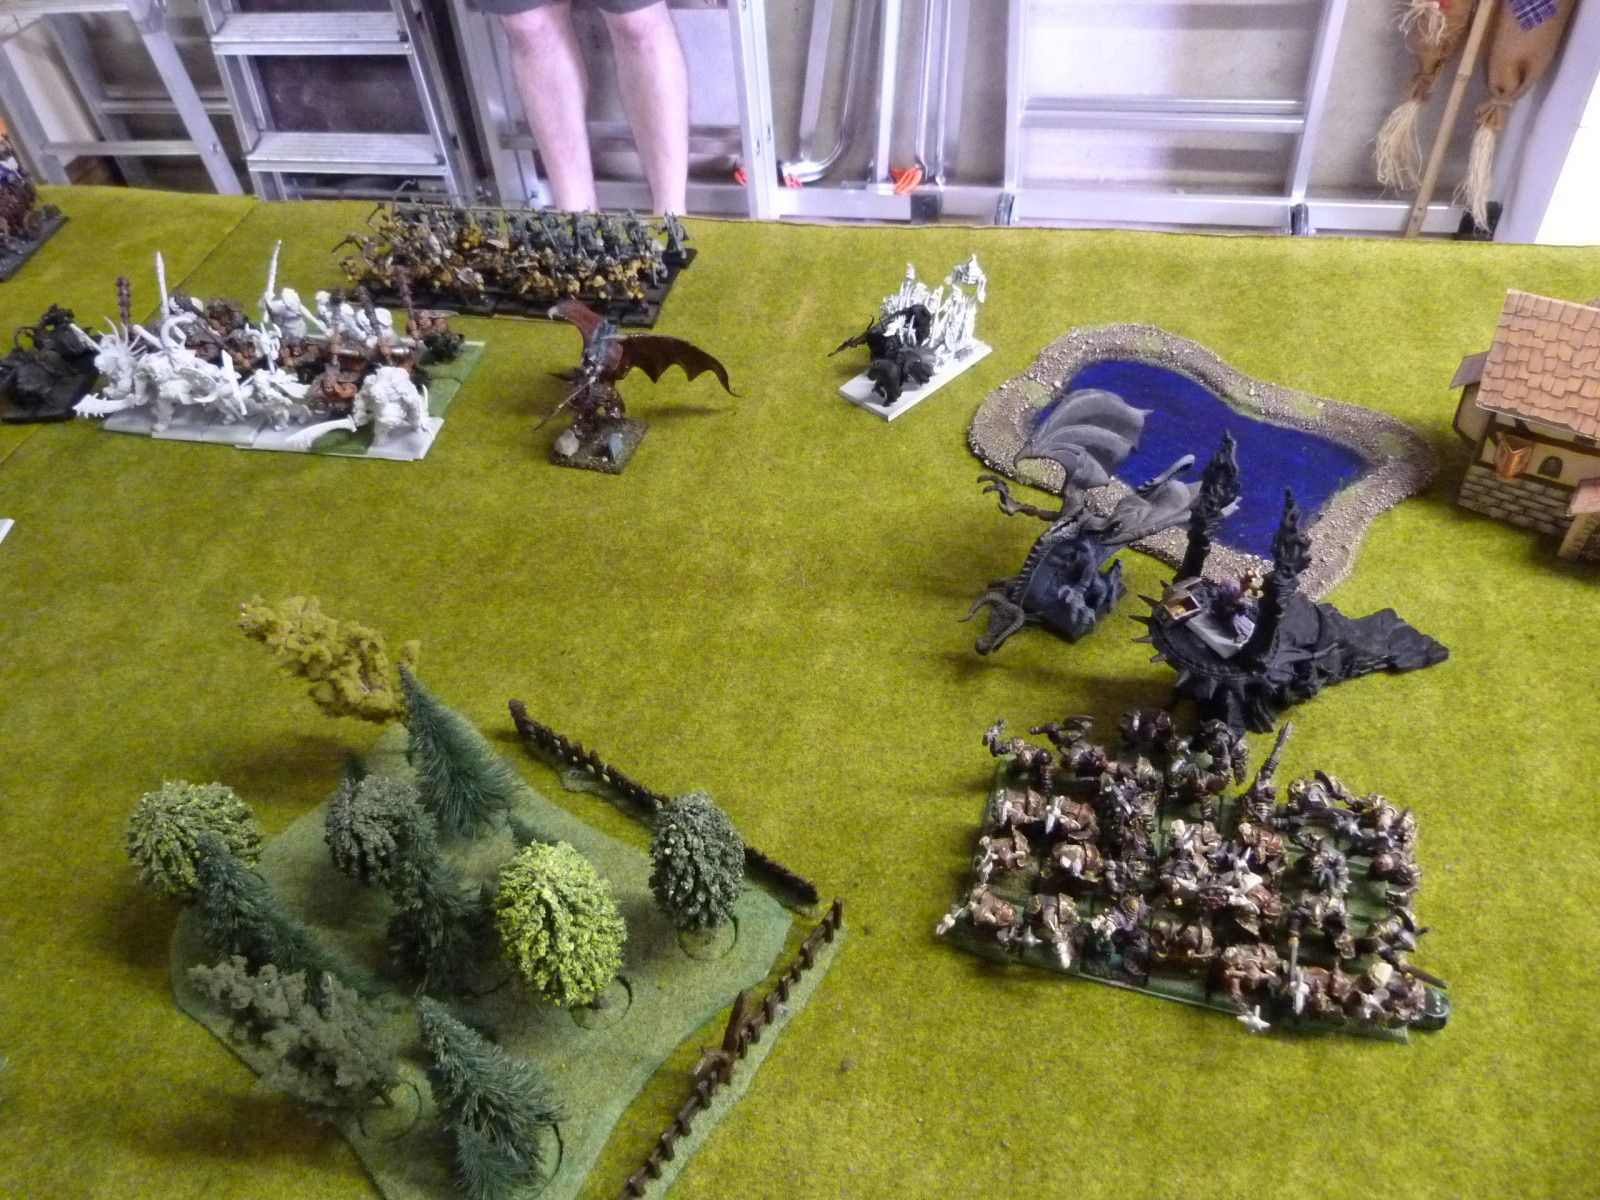 ... 18 ogres de Nurgle avec arme lourde (gloups !!), 40 maraudeurs de Slaanesh avec fléaux, une manticore, un deuxième autel de guerre du chaos, un dragon noir, 30 élus (qui ont gagné une résistance à la magie de 3) de Nurgle et un sorcier niveau 2 du feu. Ouf !